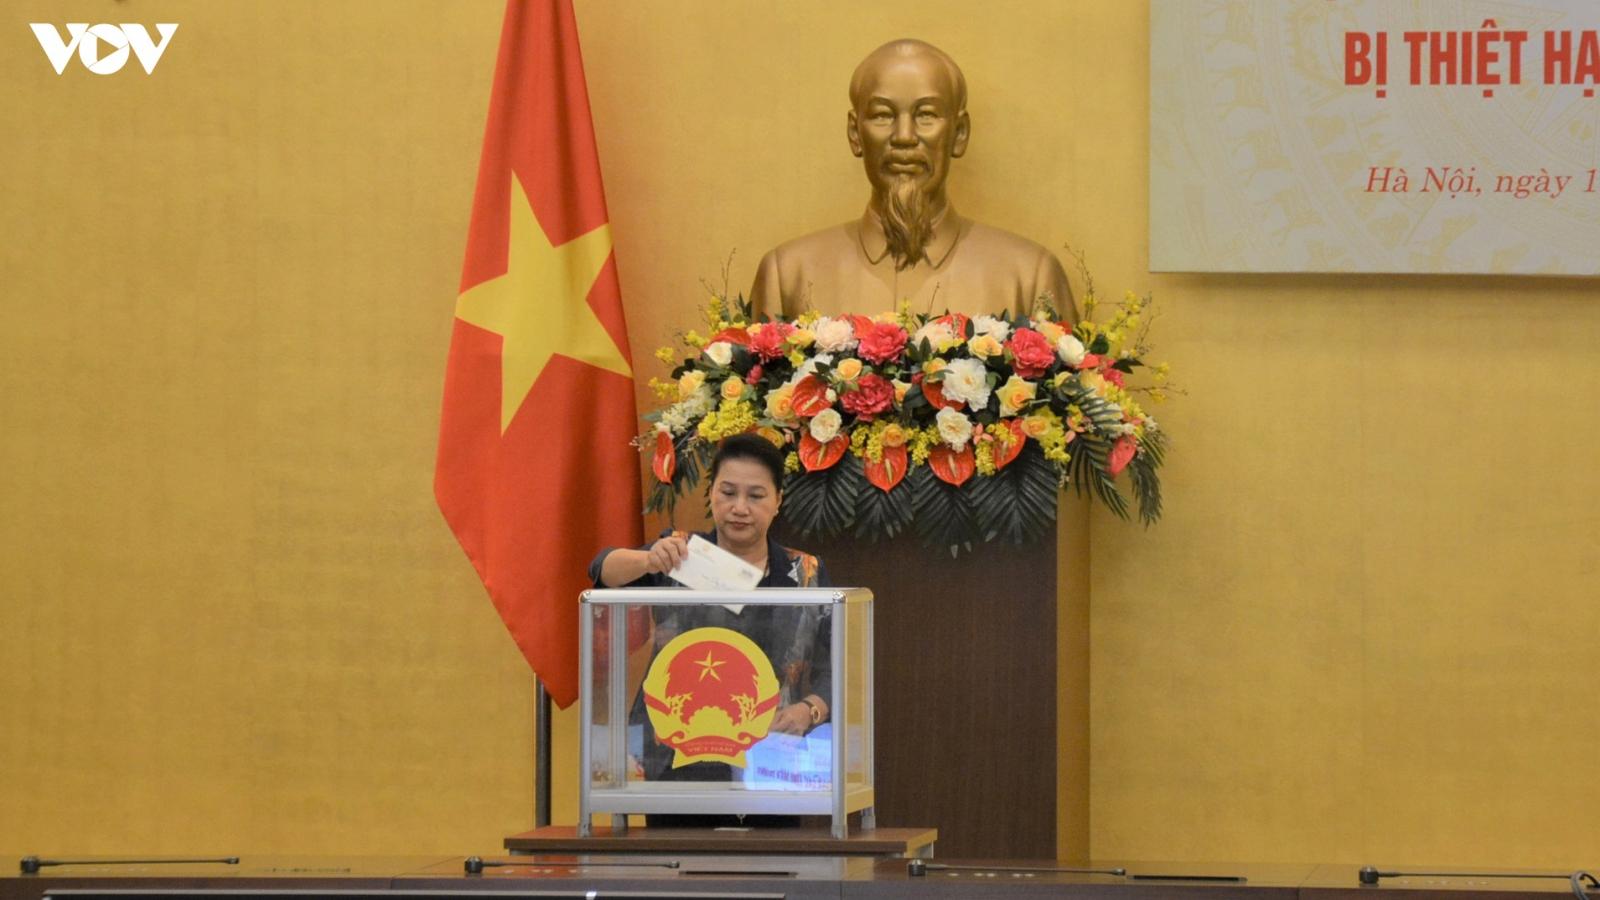 Chủ tịch Quốc hội dự lễ phát động quyên góp ủng hộ đồng bào các tỉnh miền Trung